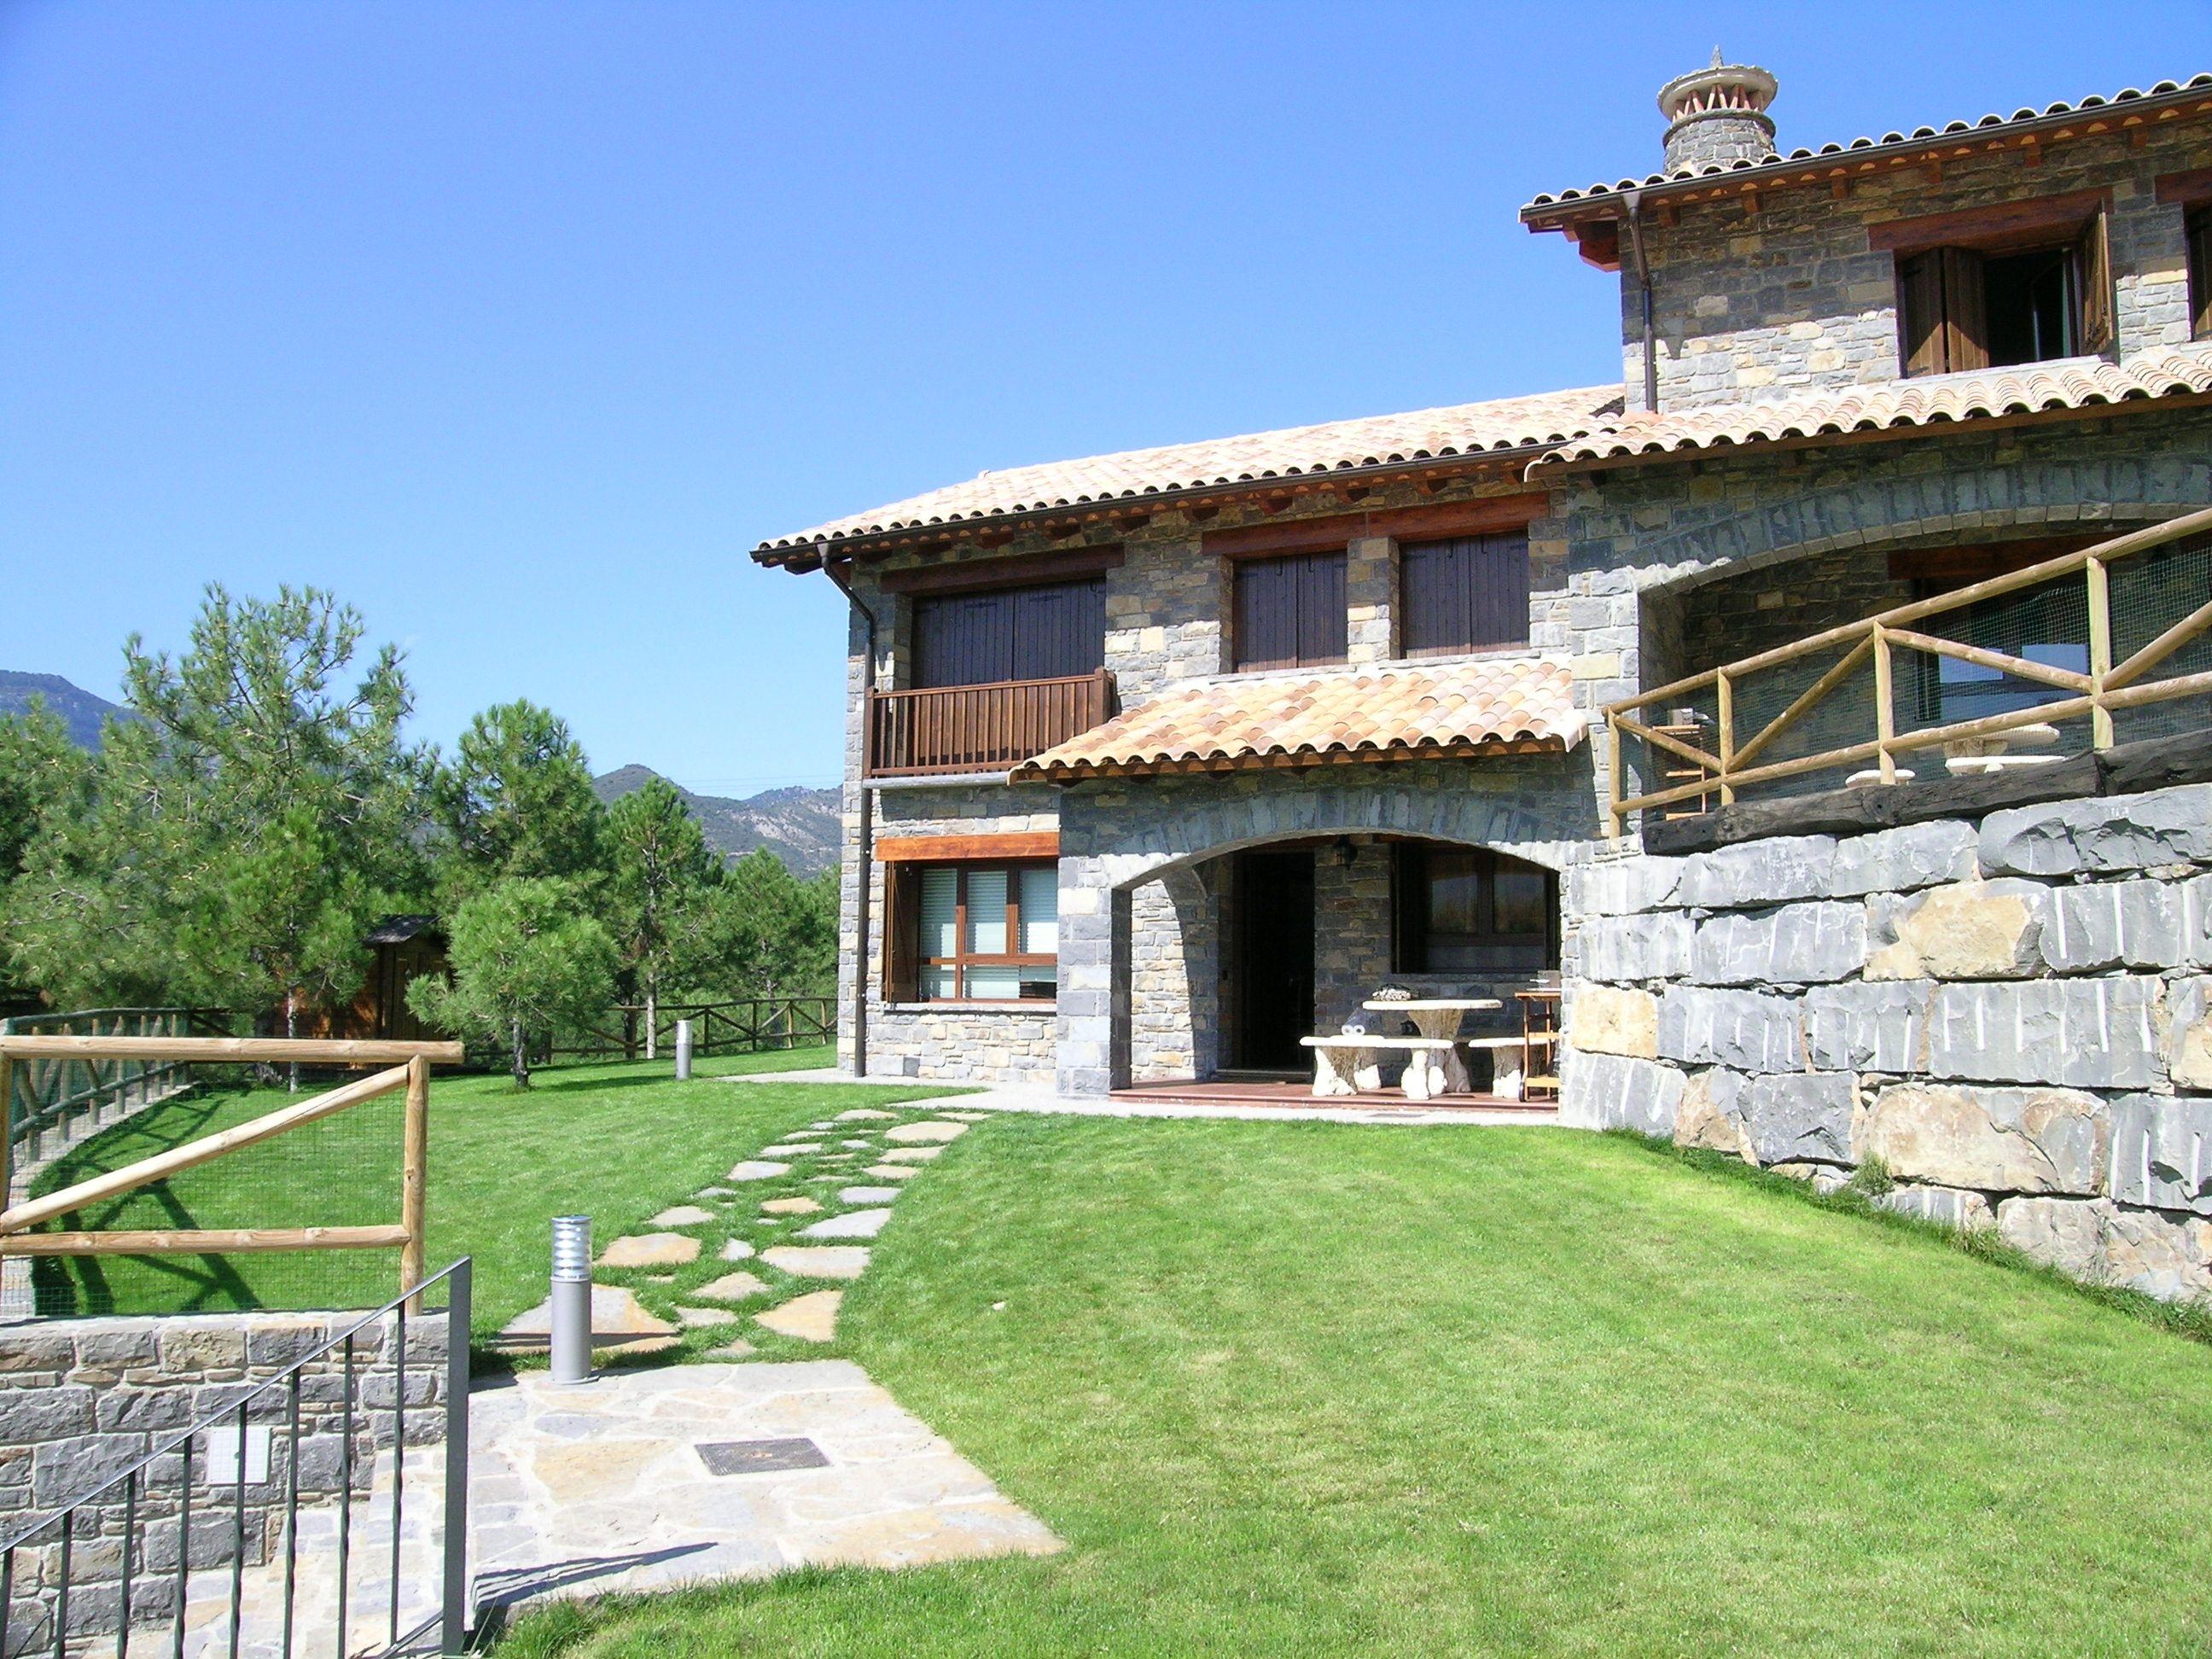 Casa margarita casas rurales en los pirineos huesca parque nacional de ordesa y monte - Apartamentos en ordesa y monte perdido ...